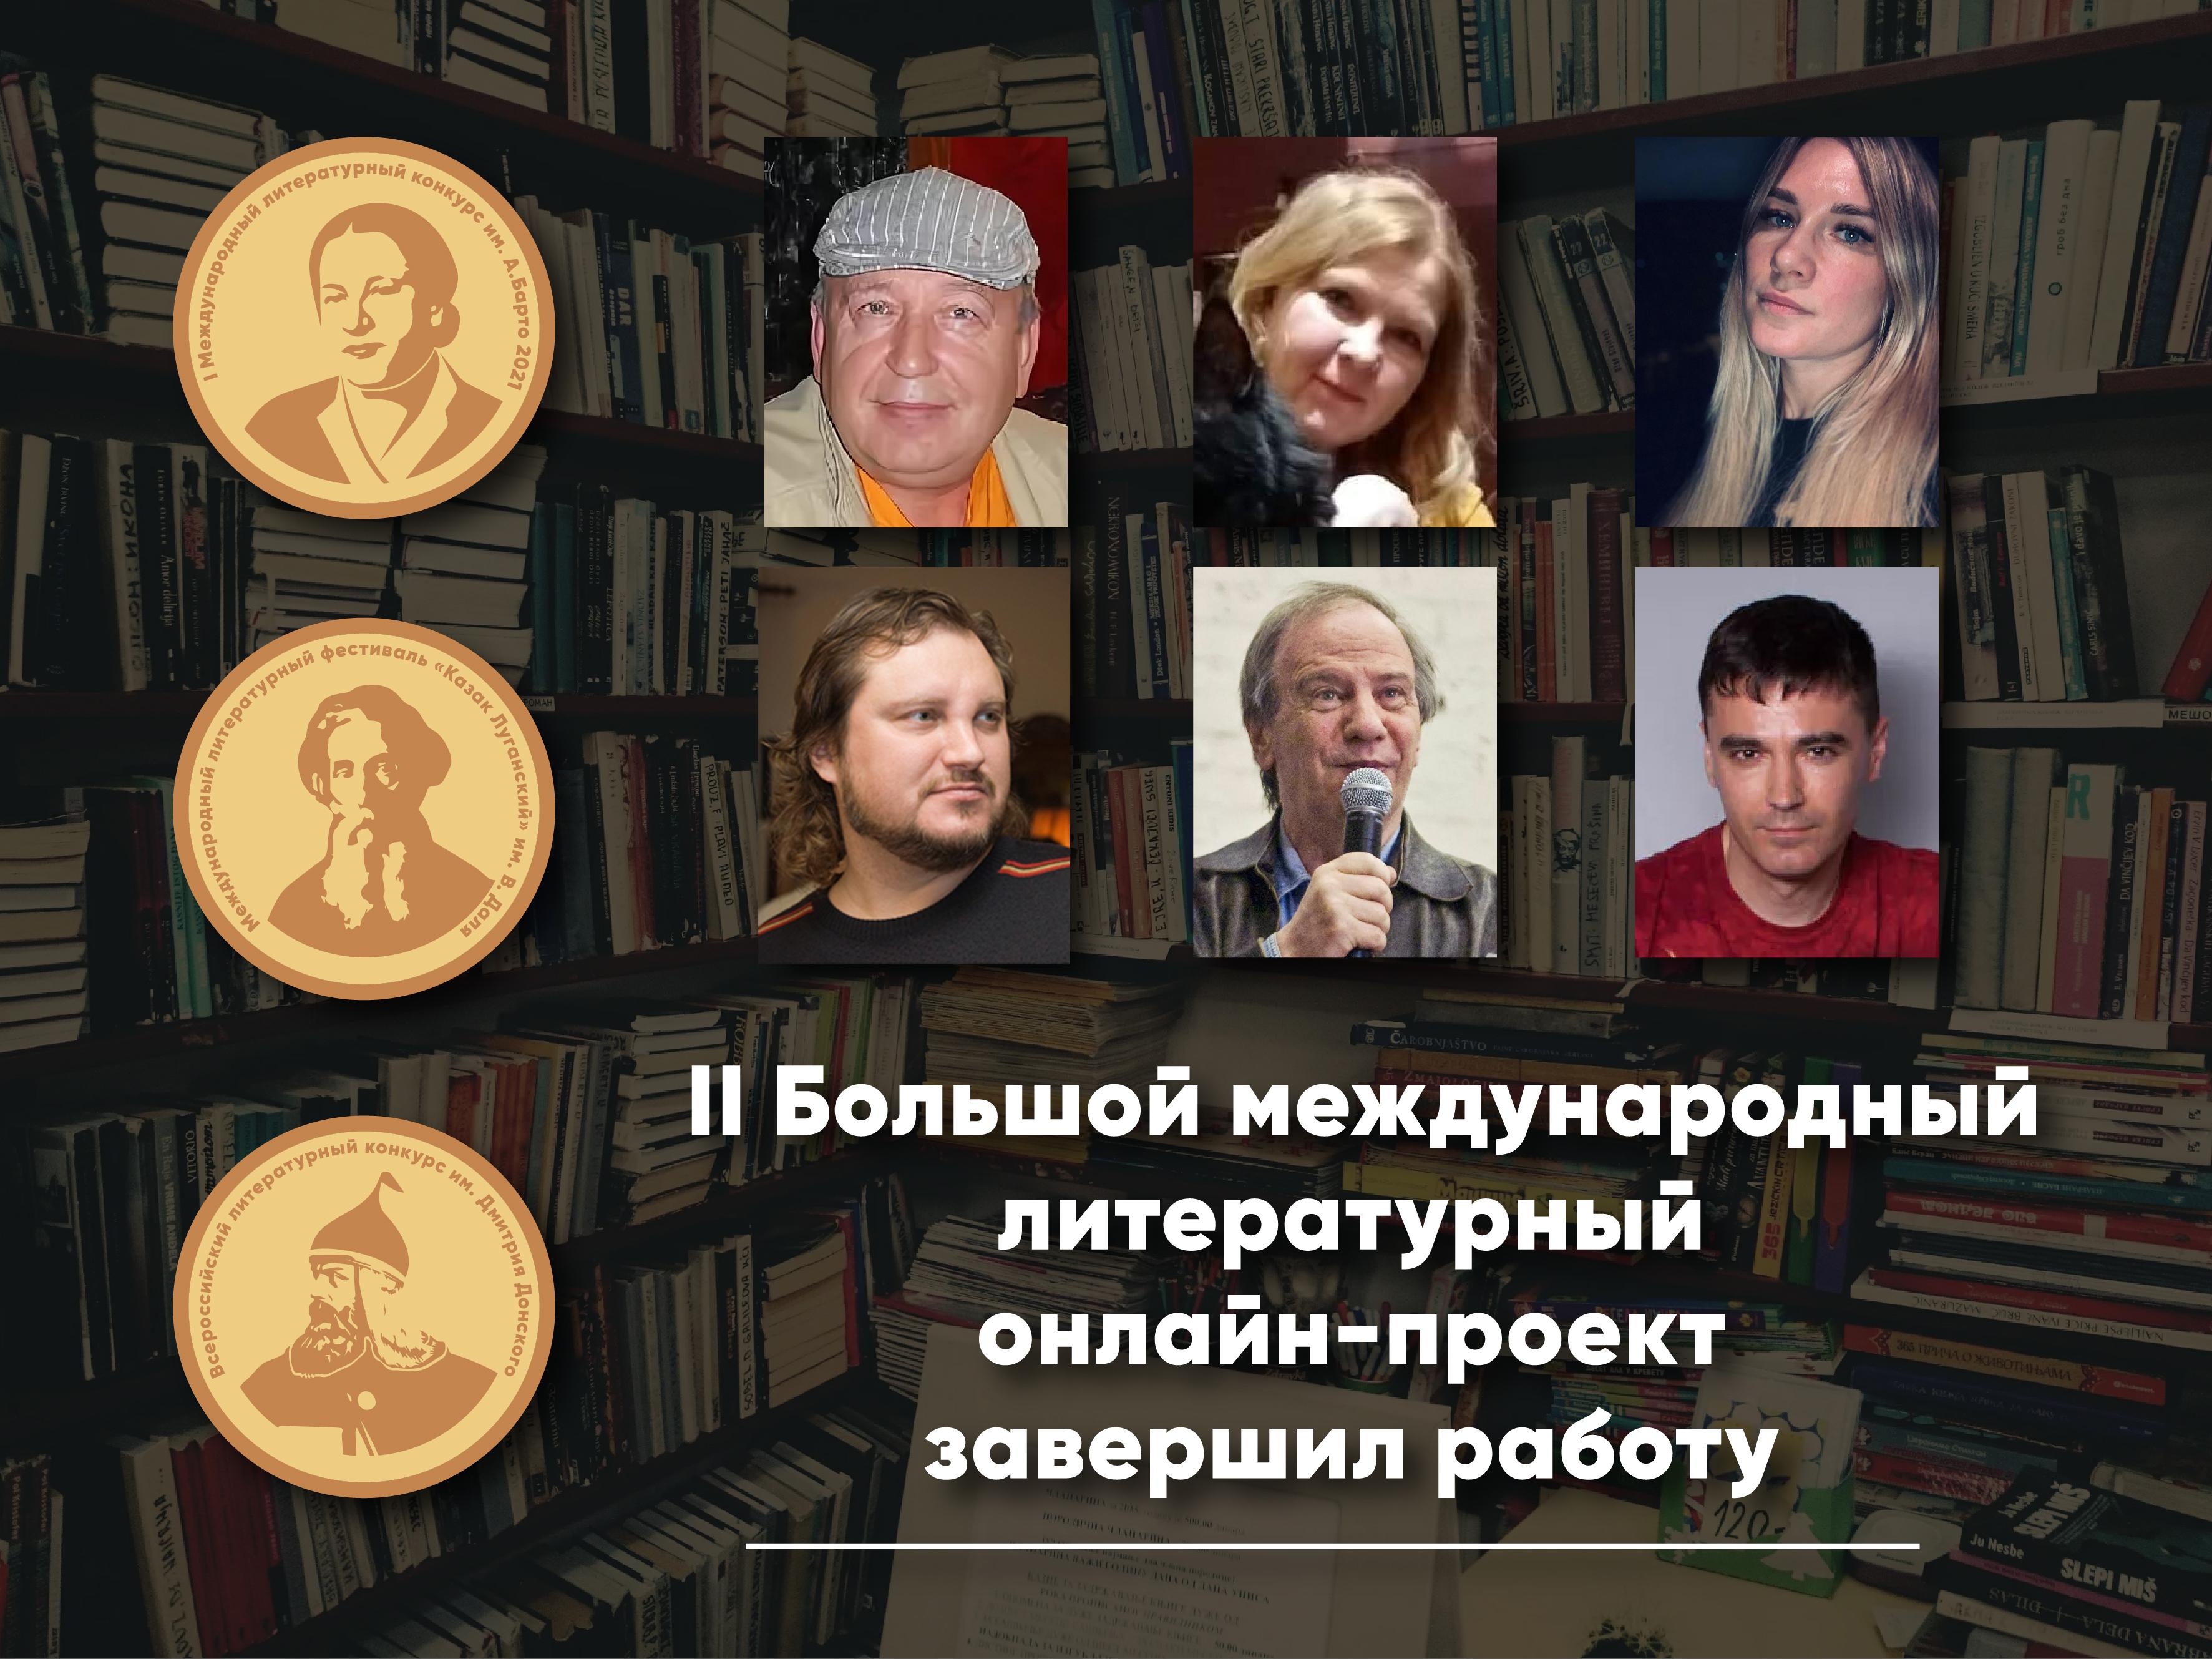 II Большой международный литературный онлайн-проект завершил работу